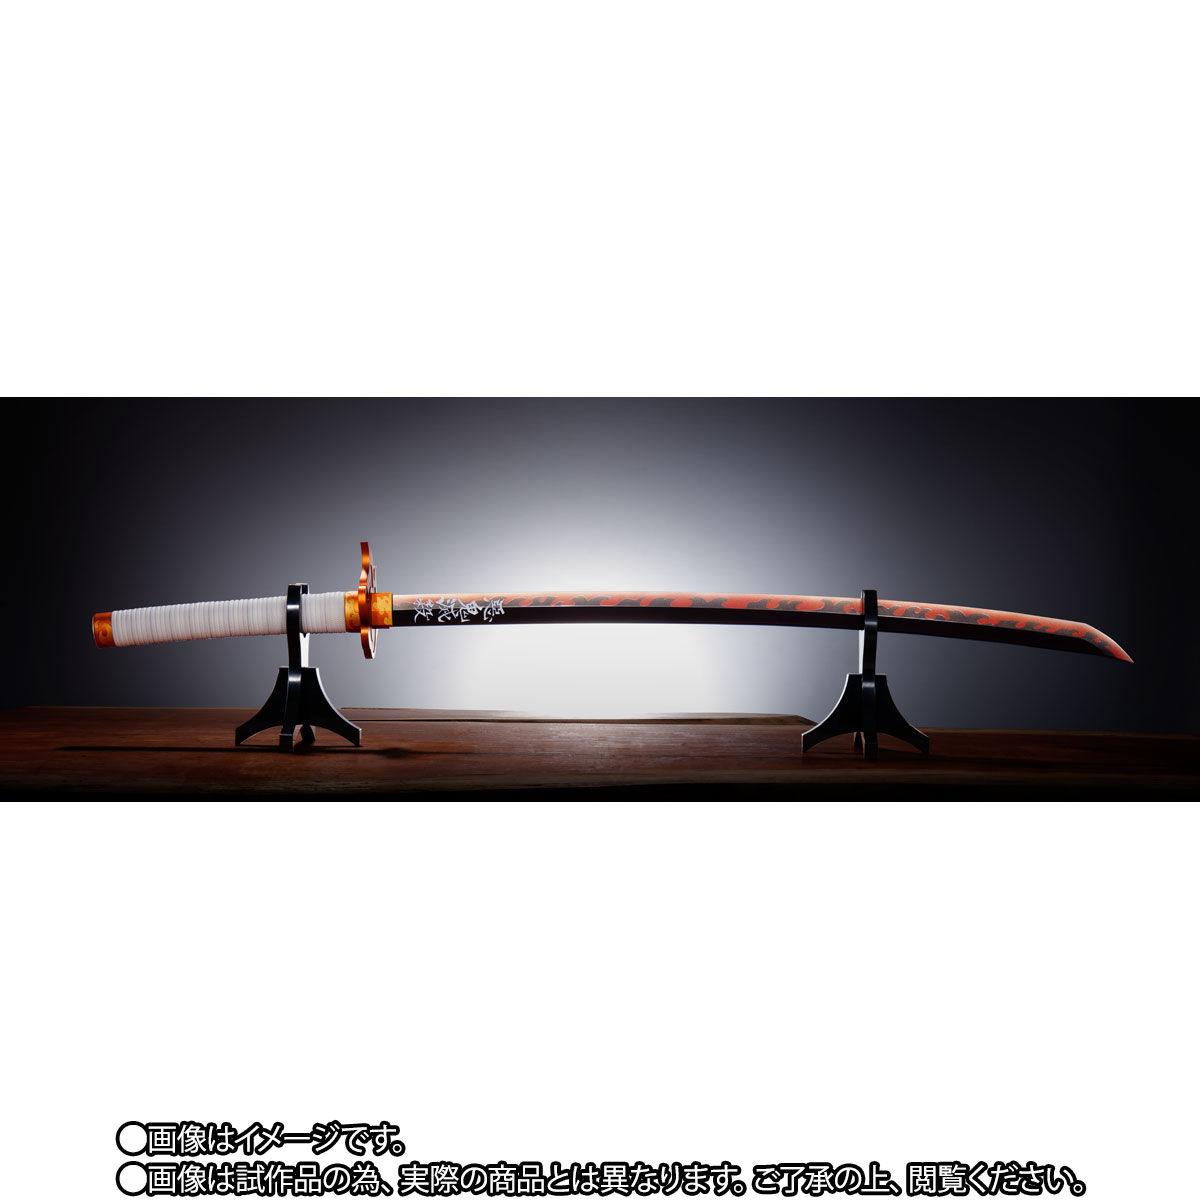 【限定販売】PROPLICA プロップリカ『日輪刀(煉獄杏寿郎)』鬼滅の刃 変身なりきり-002